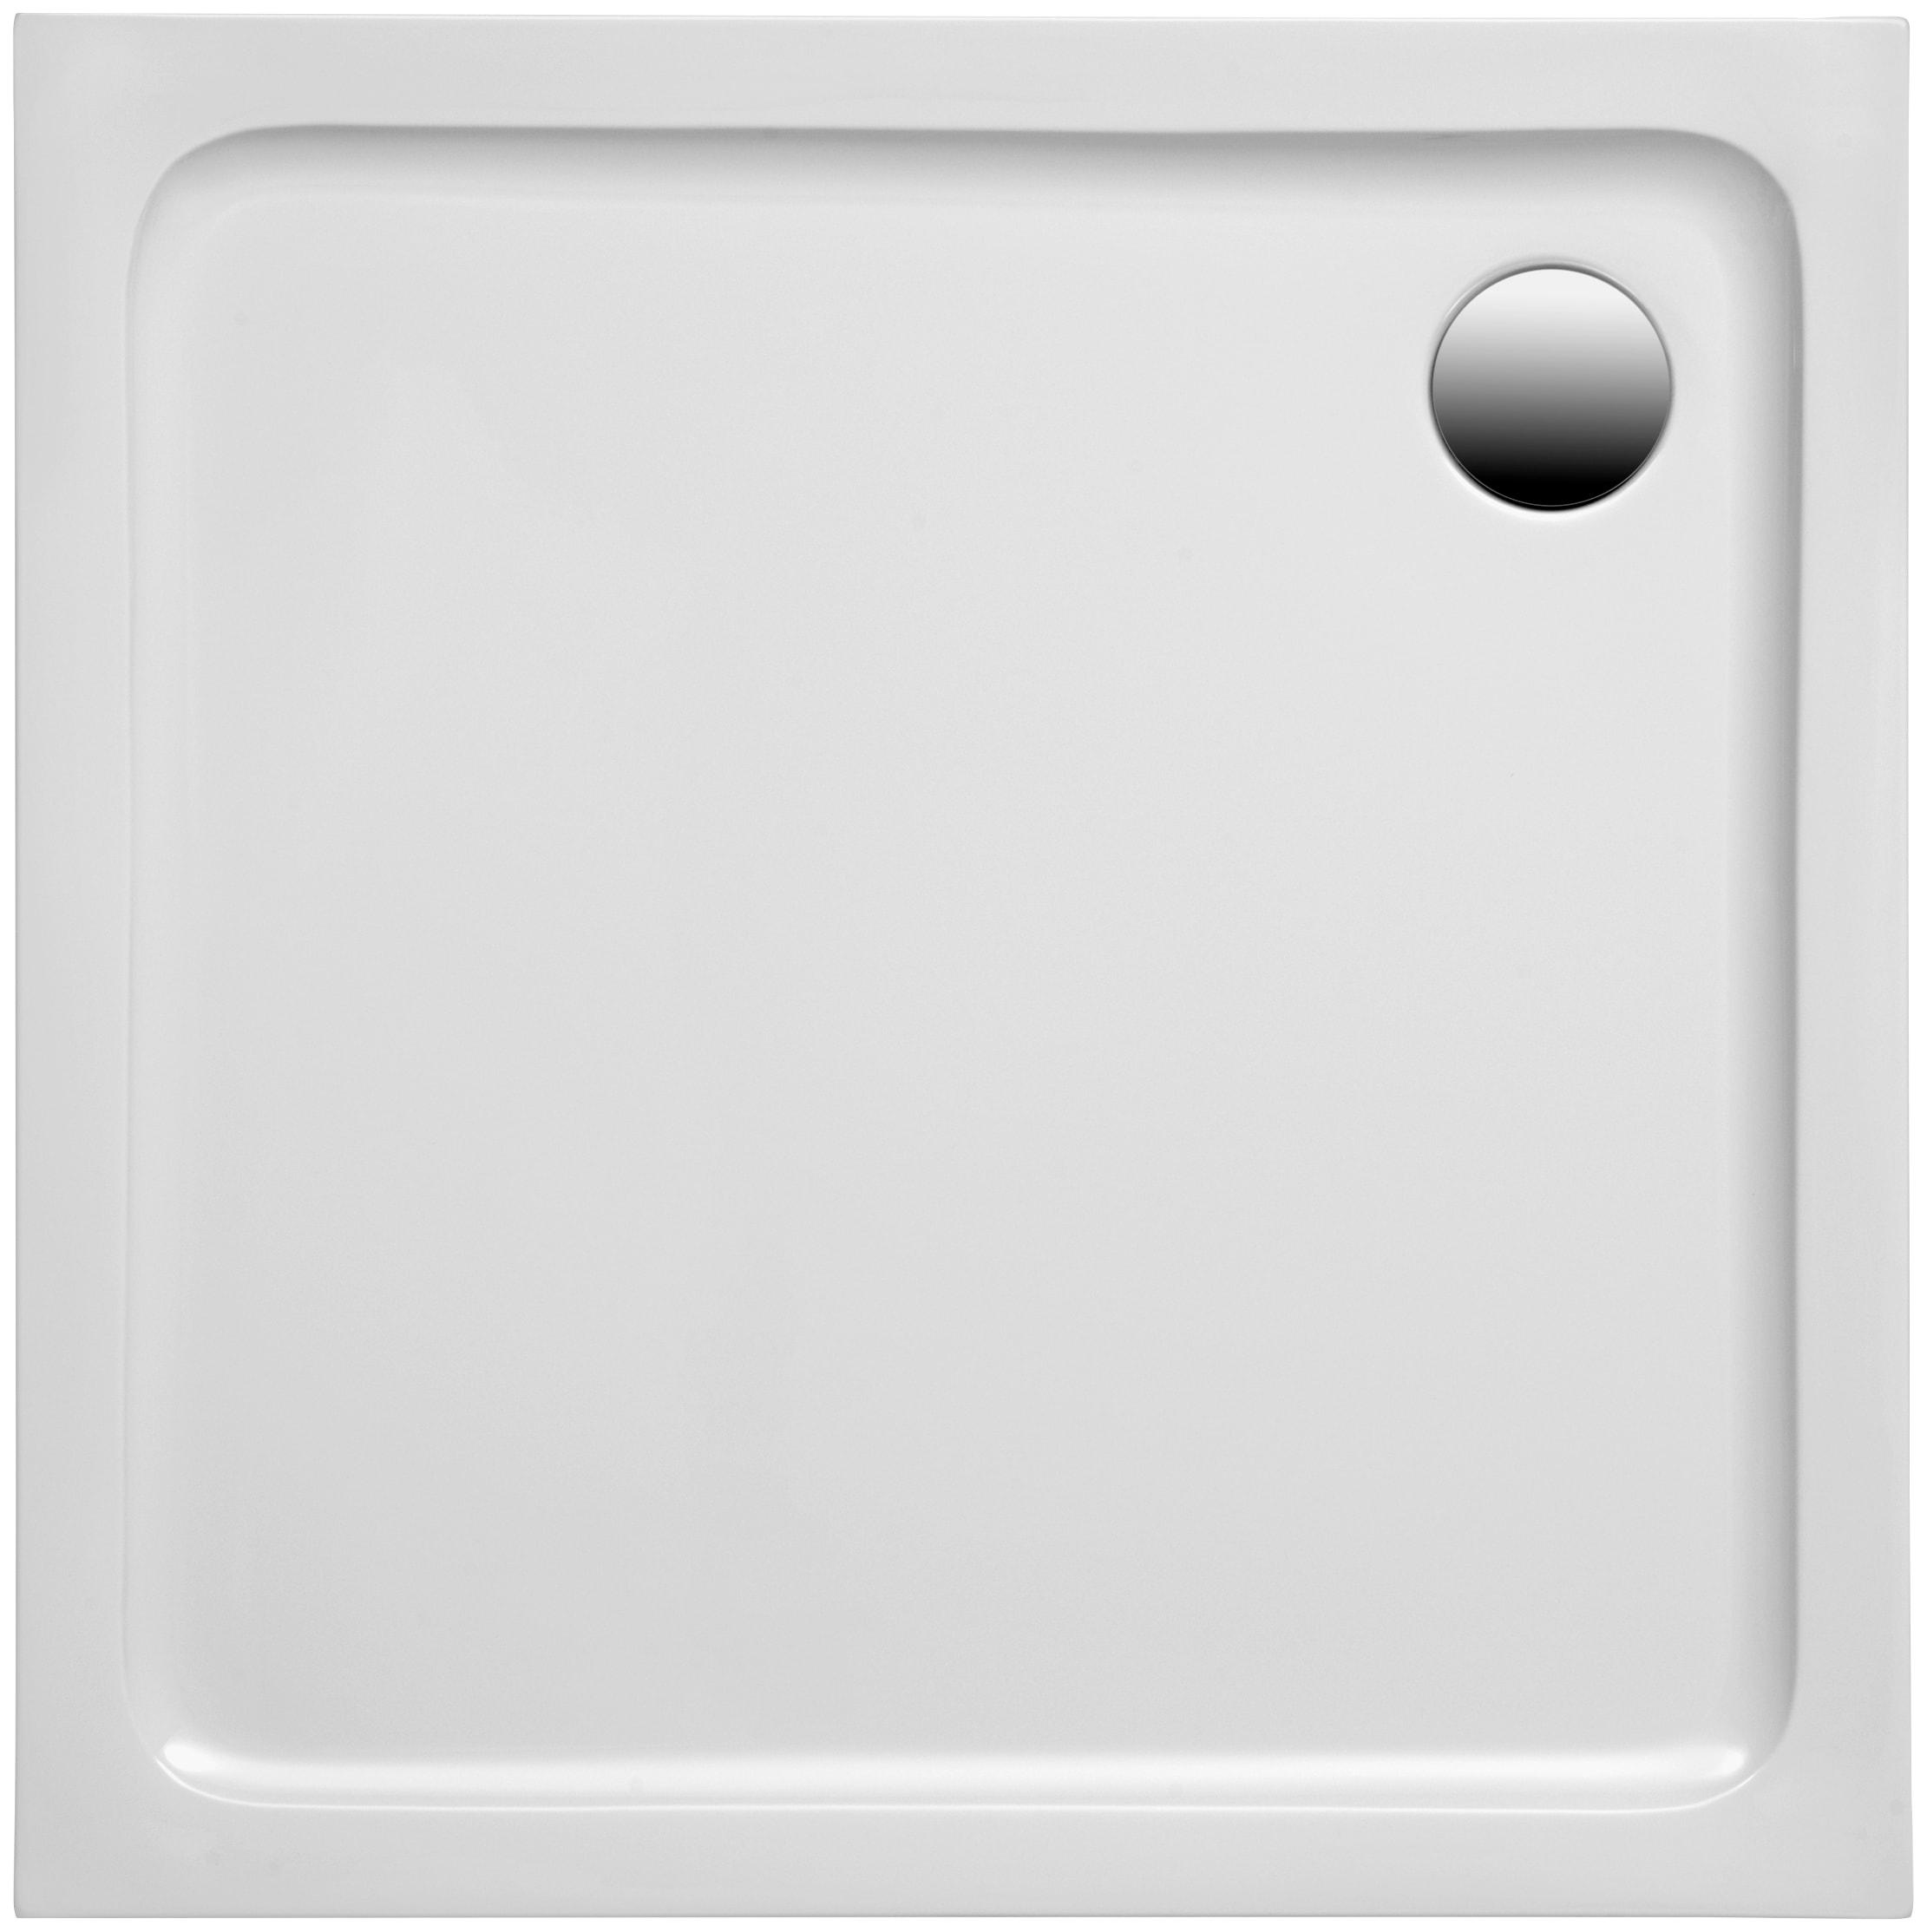 OTTOFOND Duschwanne Set Quadratische Duschwanne, 800x800/30 mm weiß Duschwannen Duschen Bad Sanitär